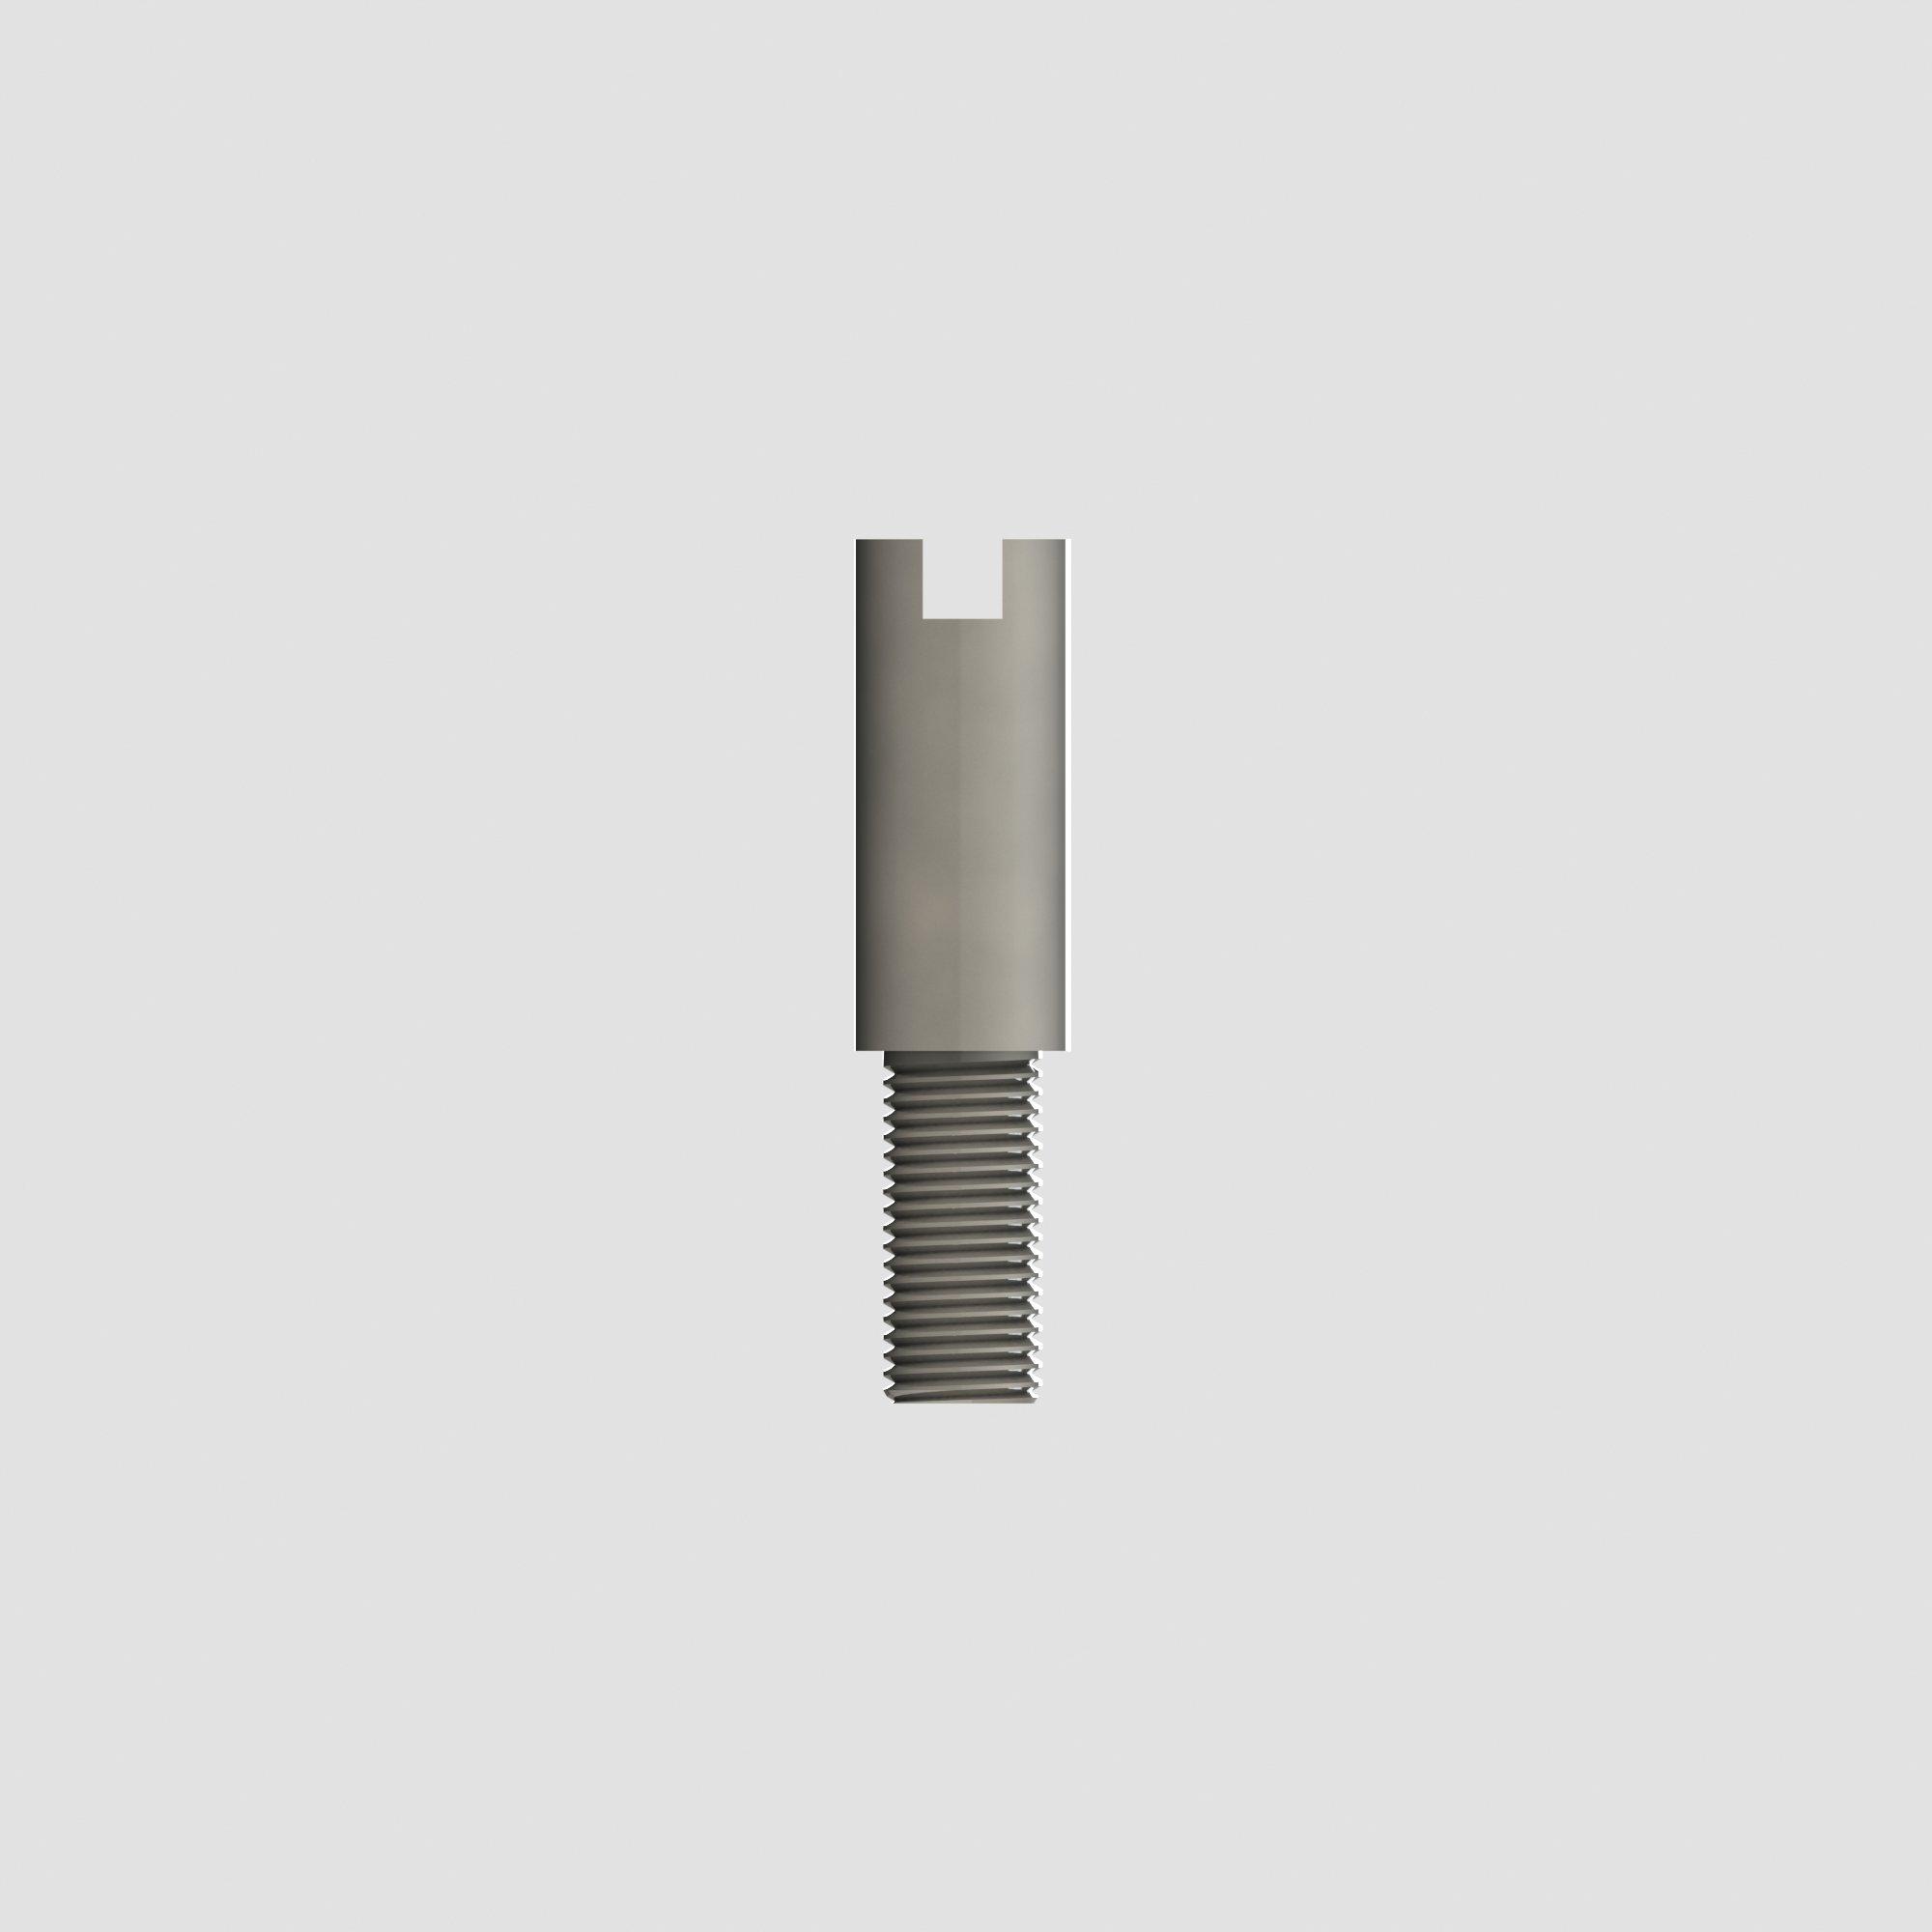 NSK E-Type Motor Lower Housing Screws (Set of 3)